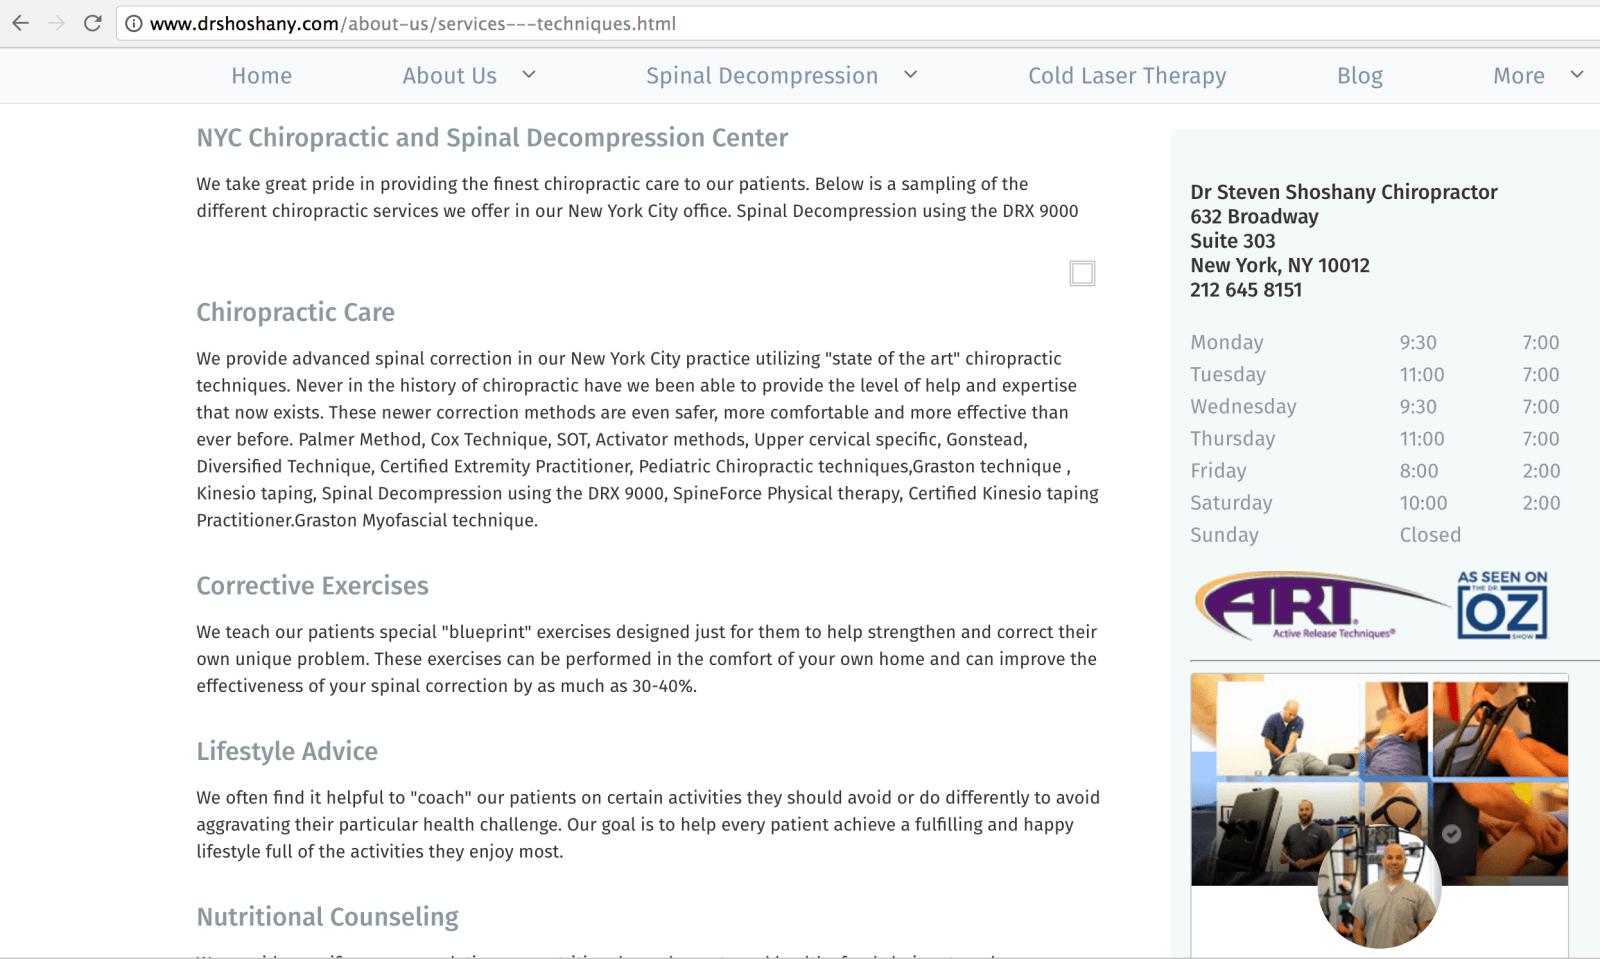 Dr. Shoshany's Site